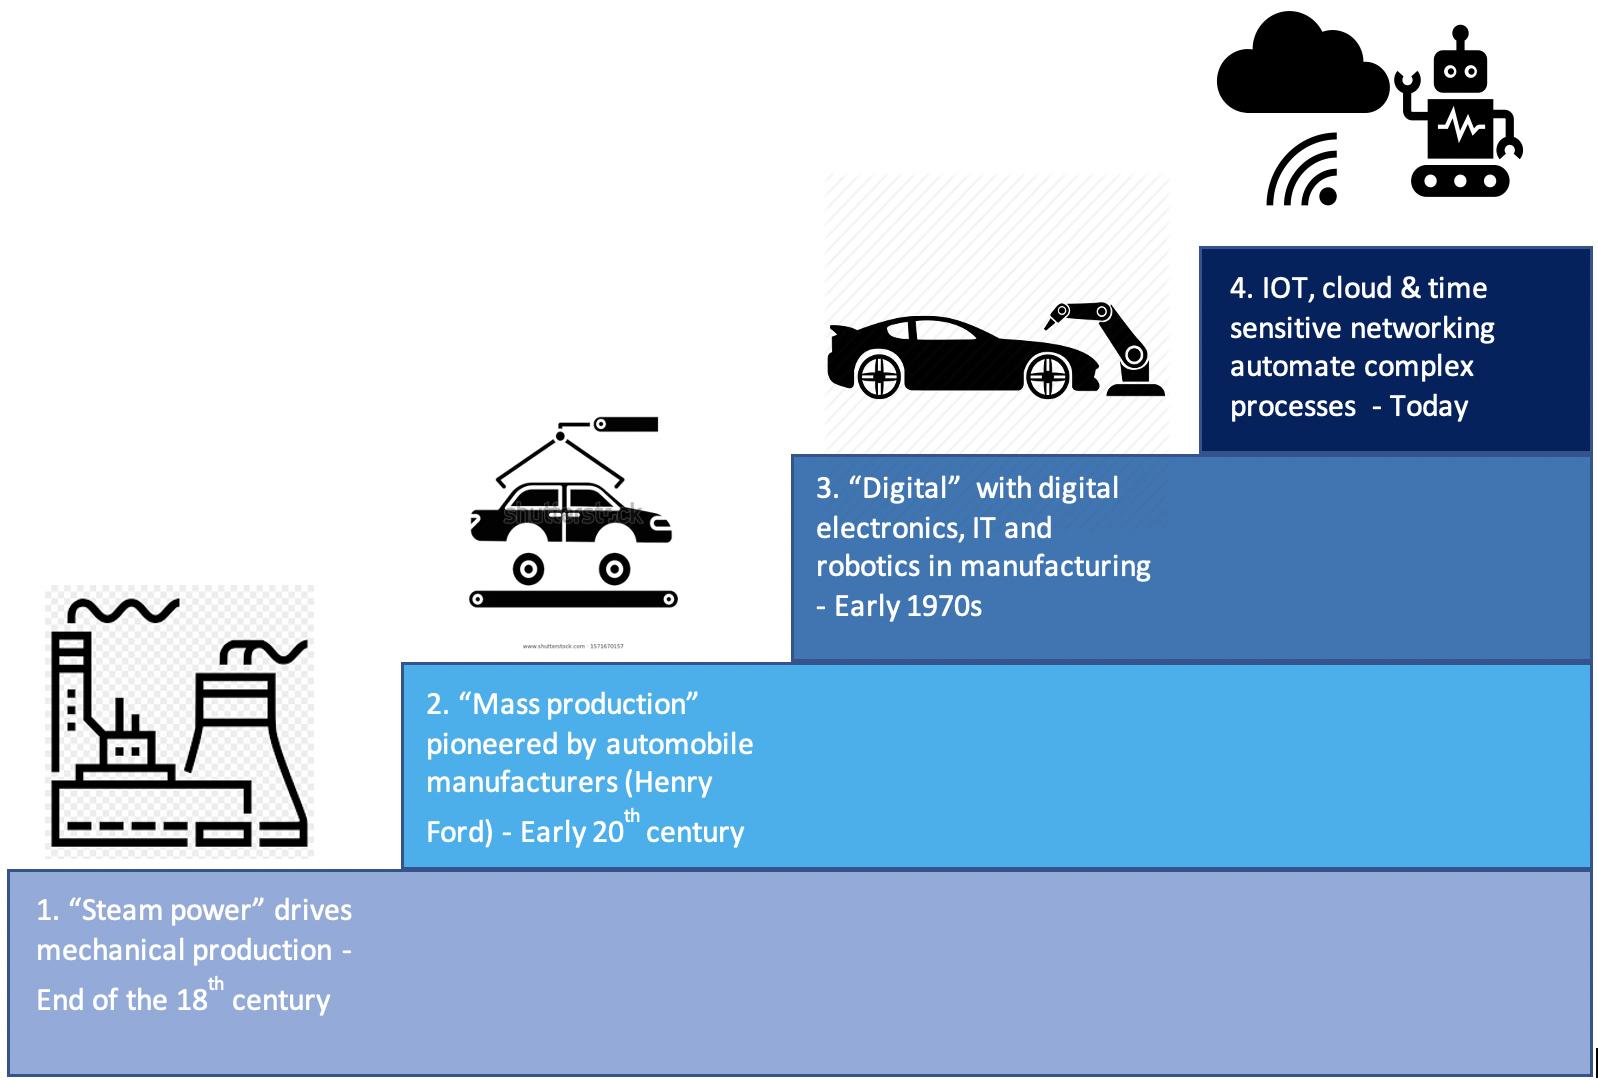 Industry 4.0 5G TSN